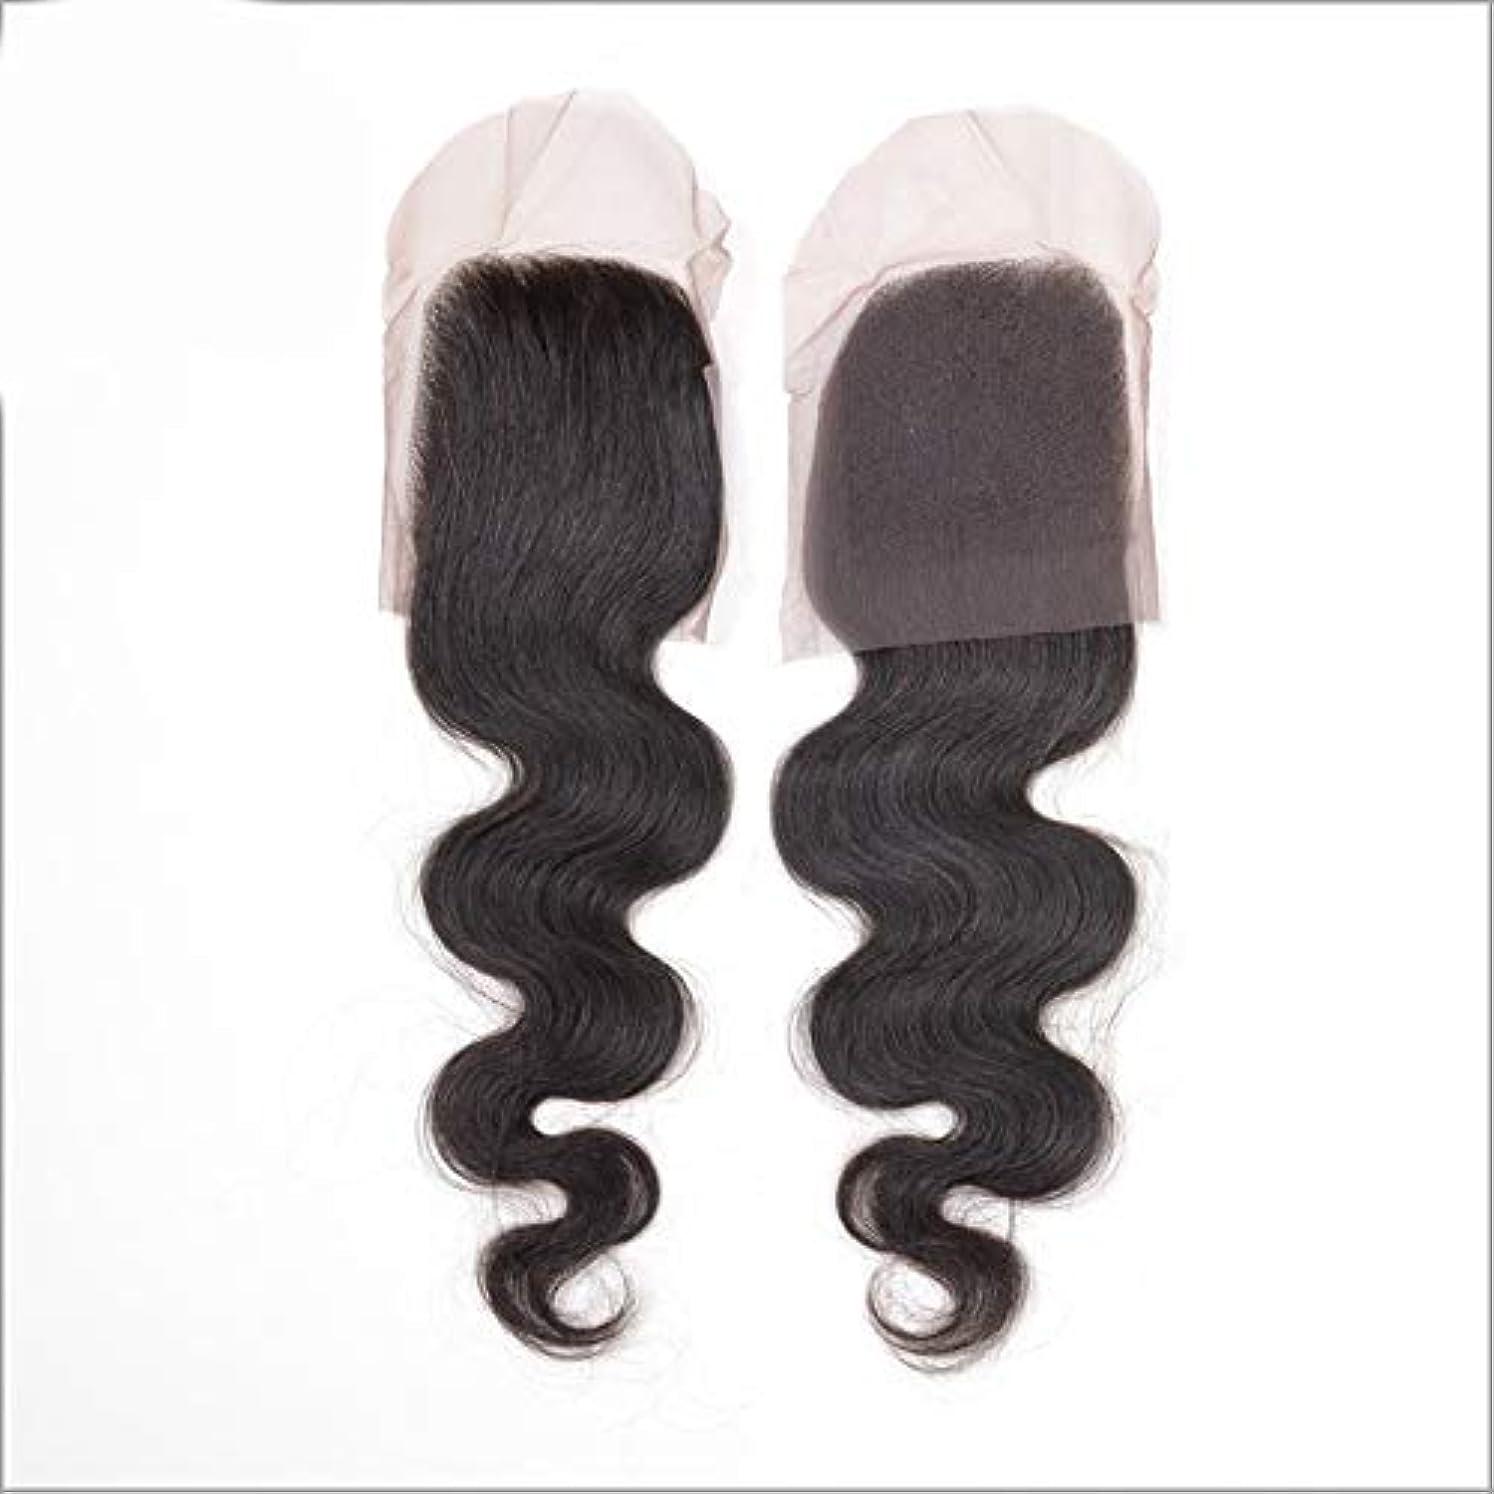 ガイド実際の矩形HOHYLLYA ブラジル髪織りバンドルで閉鎖レース前頭4×4フリーパート実体波フルレースナチュラルヘアエクステンション用女性複合ヘアレースかつらロールプレイングかつら (色 : 黒, サイズ : 10 inch)